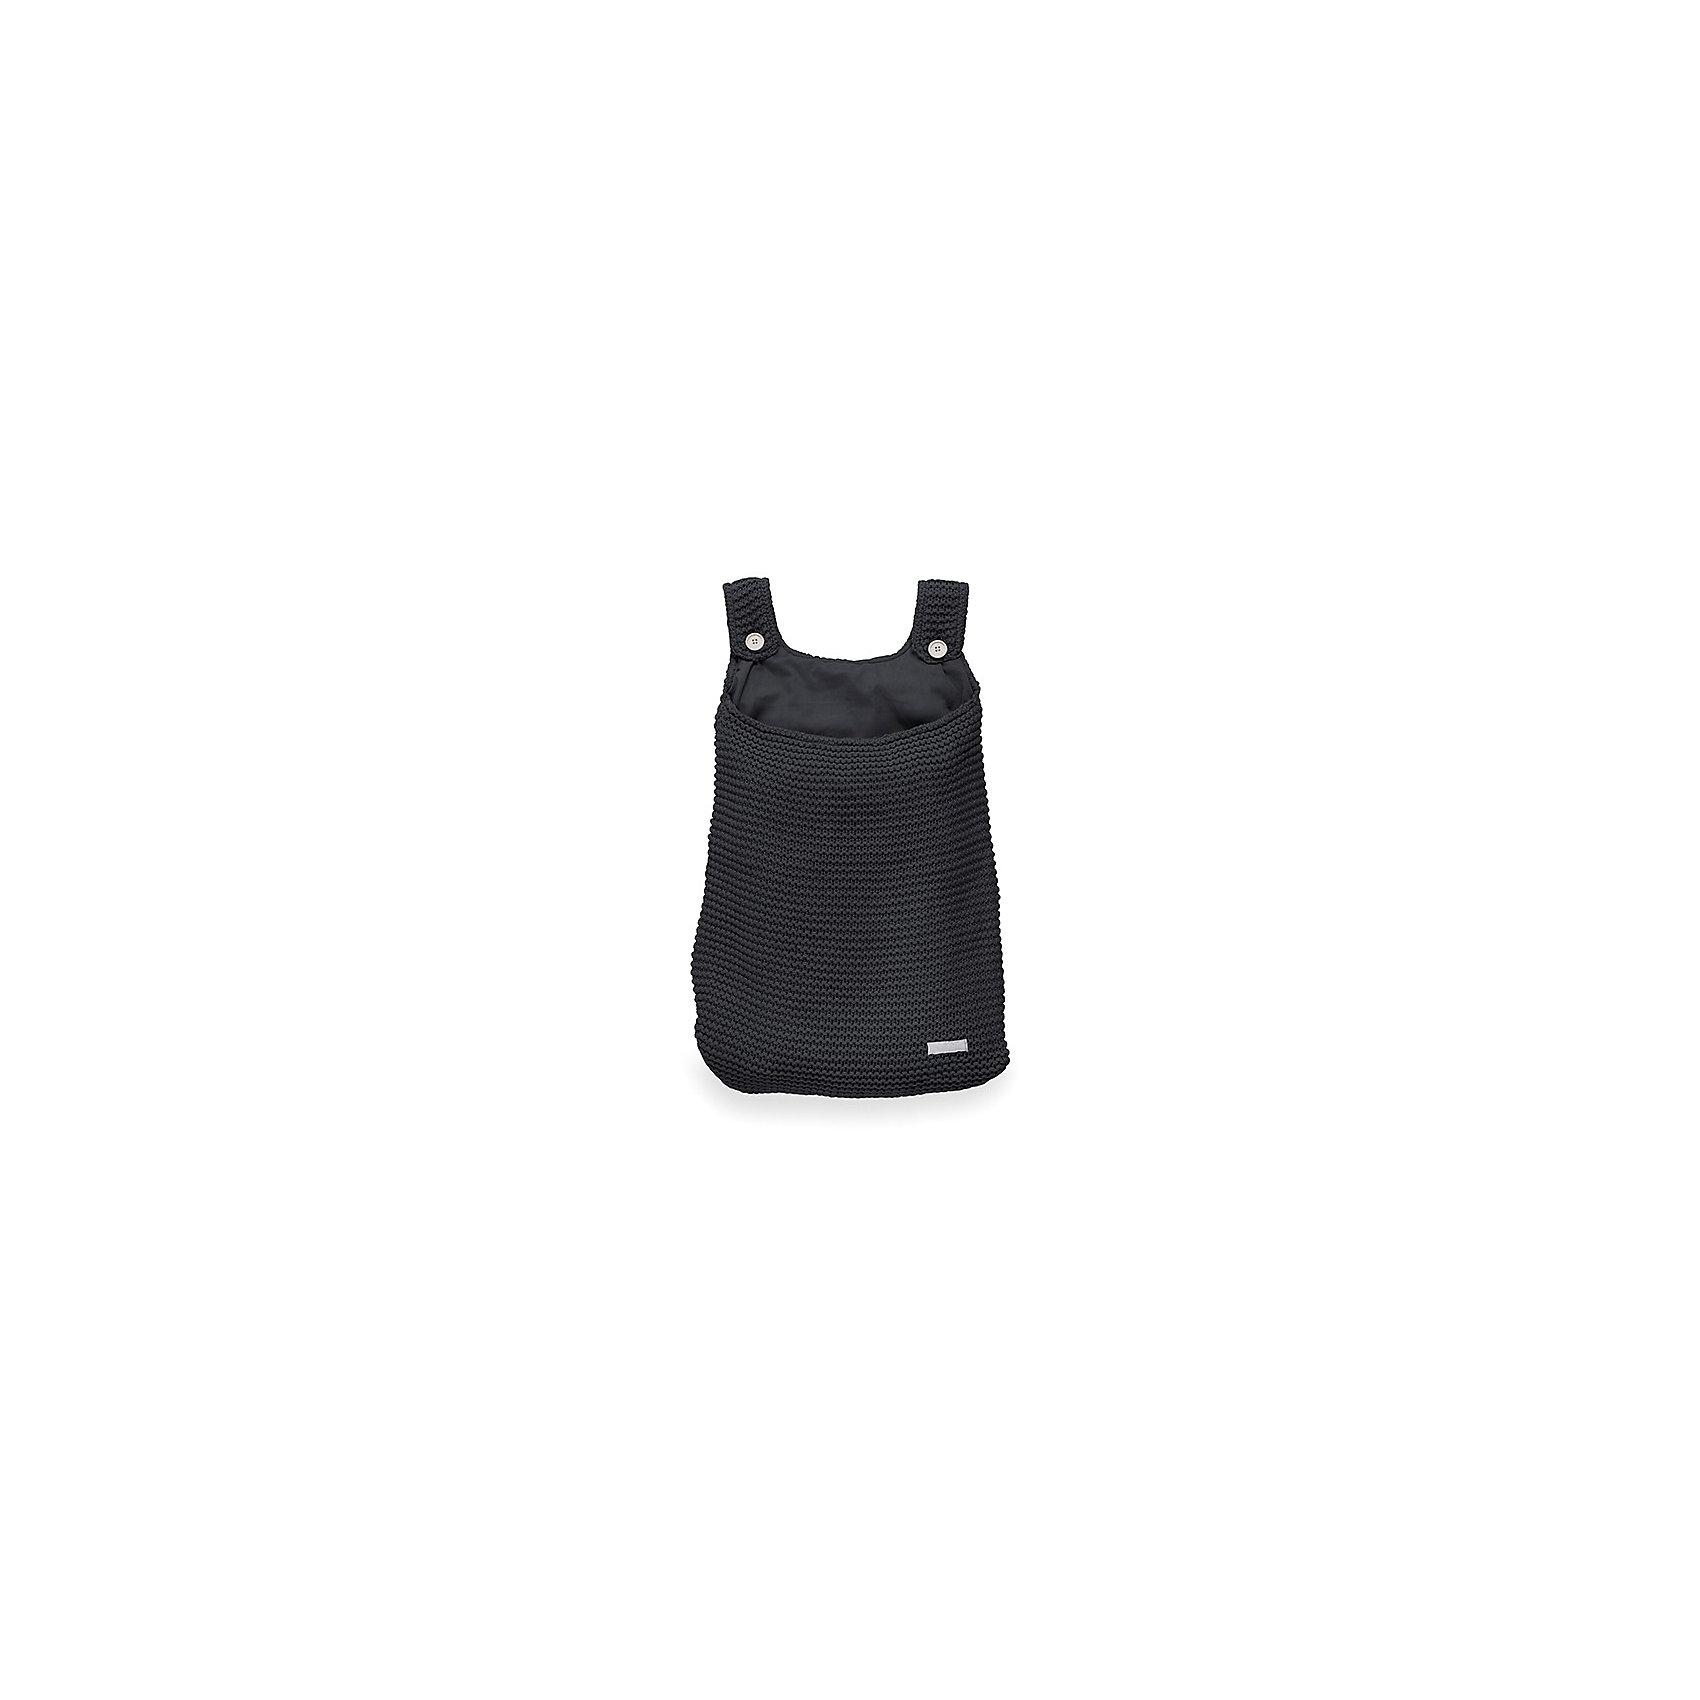 Сумка на кроватку, Jollein, BlackПорядок в детской<br>Характеристики:<br><br>• Вид детского текстиля: сумка на детскую кроватку<br>• Предназначение: для хранения детских текстильных принадлежностей<br>• Пол: универсальный<br>• Коллекция: Heavy knit (Крупная вязка)<br>• Цвет: черный<br>• Тематика рисунка: без рисунка<br>• Крепится к кроватке за счет лямок на пуговицах<br>• Универсальный размер, подходит для любых моделей детских кроваток<br>• Материал: 50% хлопок, 50% акрил<br>• Размер: 50*40 см<br>• Особенности ухода: машинная или ручная стирка при температуре не более 30 градусов<br><br>Сумка на кроватку, Jollein, Black от торговой марки Жолляйн, которая является признанным лидером среди аналогичных брендов, выпускающих детское постельное белье и текстиль для новорожденных. Продукция этого торгового бренда отличается высоким качеством и дизайнерским стилем. Сумка на кроватку Jollein, Blue выполнена из вязаного полотна, в состав которого входит хлопок и акрил. Такое сочетание обеспечивает прочность и долговечность изделия: оно не потеряет форму и на нем не будут образовываться катышки даже при частных стирках и длительной эксплуатации. <br><br>Изделие выполнено в форме сумки с двумя лямками на пуговицах, с помощью которых она крепится к бортику кроватки. У сумки имеется подклад. Изделие имеет дизайнерский стиль марки Жолляйн – сдержанный минимализм: однотонное полотно, выполненное крупной вязкой. <br>Сумка на кроватку, Jollein, Black – это не только порядок и уют, это еще и стильный аксессуар для детской комнаты вашего малыша! <br><br>Сумку на кроватку, Jollein, Black можно купить в нашем интернет-магазине.<br><br>Ширина мм: 250<br>Глубина мм: 400<br>Высота мм: 50<br>Вес г: 500<br>Возраст от месяцев: 0<br>Возраст до месяцев: 36<br>Пол: Унисекс<br>Возраст: Детский<br>SKU: 5367096